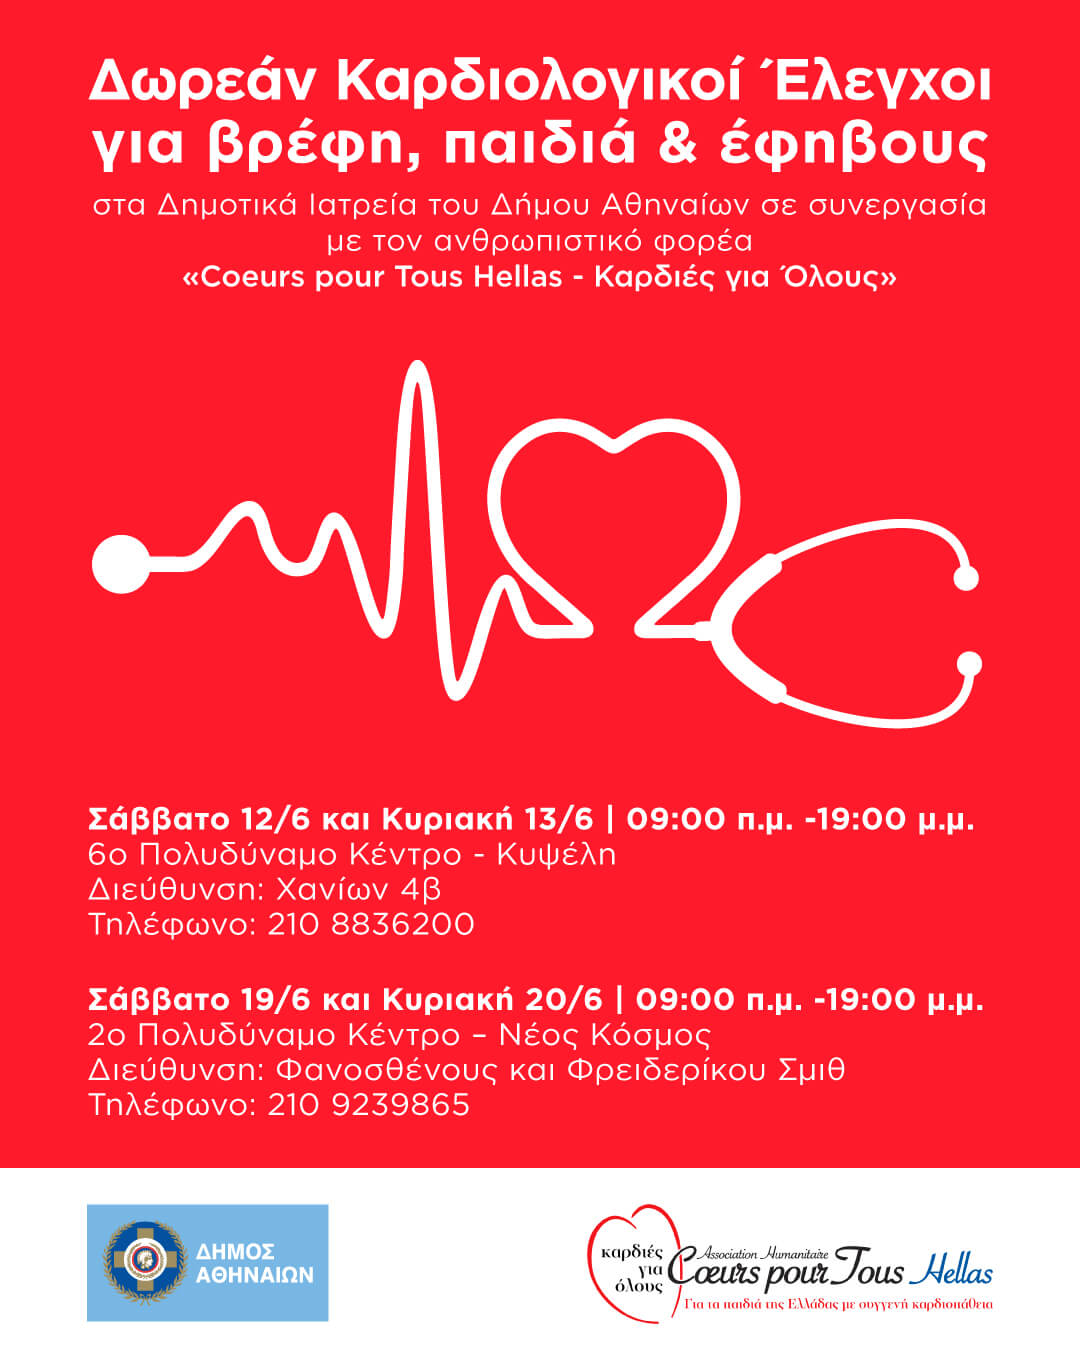 Δωρεάν Καρδιολογικοί Έλεγχοι για βρέφη, παιδιά & εφήβους στα Δημοτικά Ιατρεία του Δήμου Αθηναίων